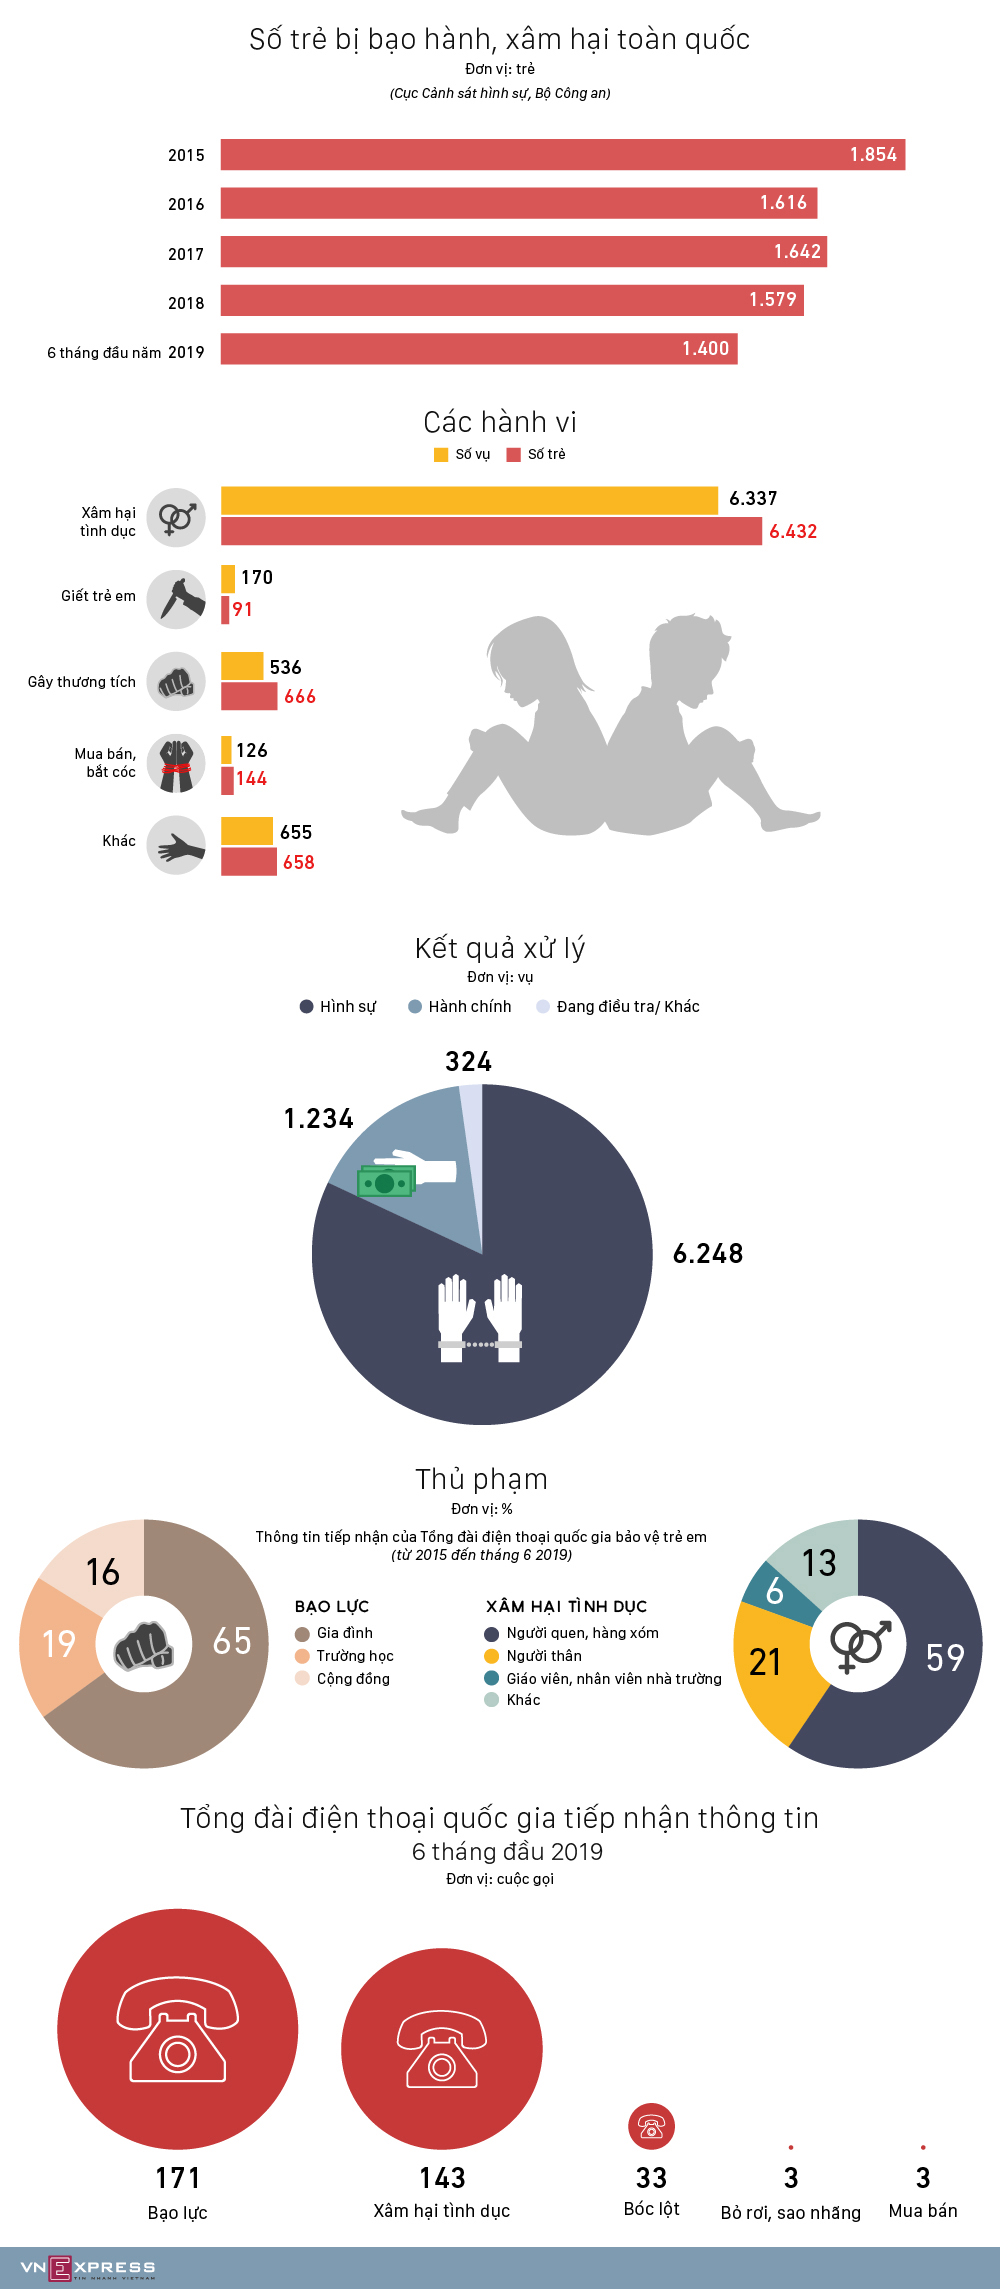 Hơn 6.000 trẻ em bị xâm hại trong gần 5 năm